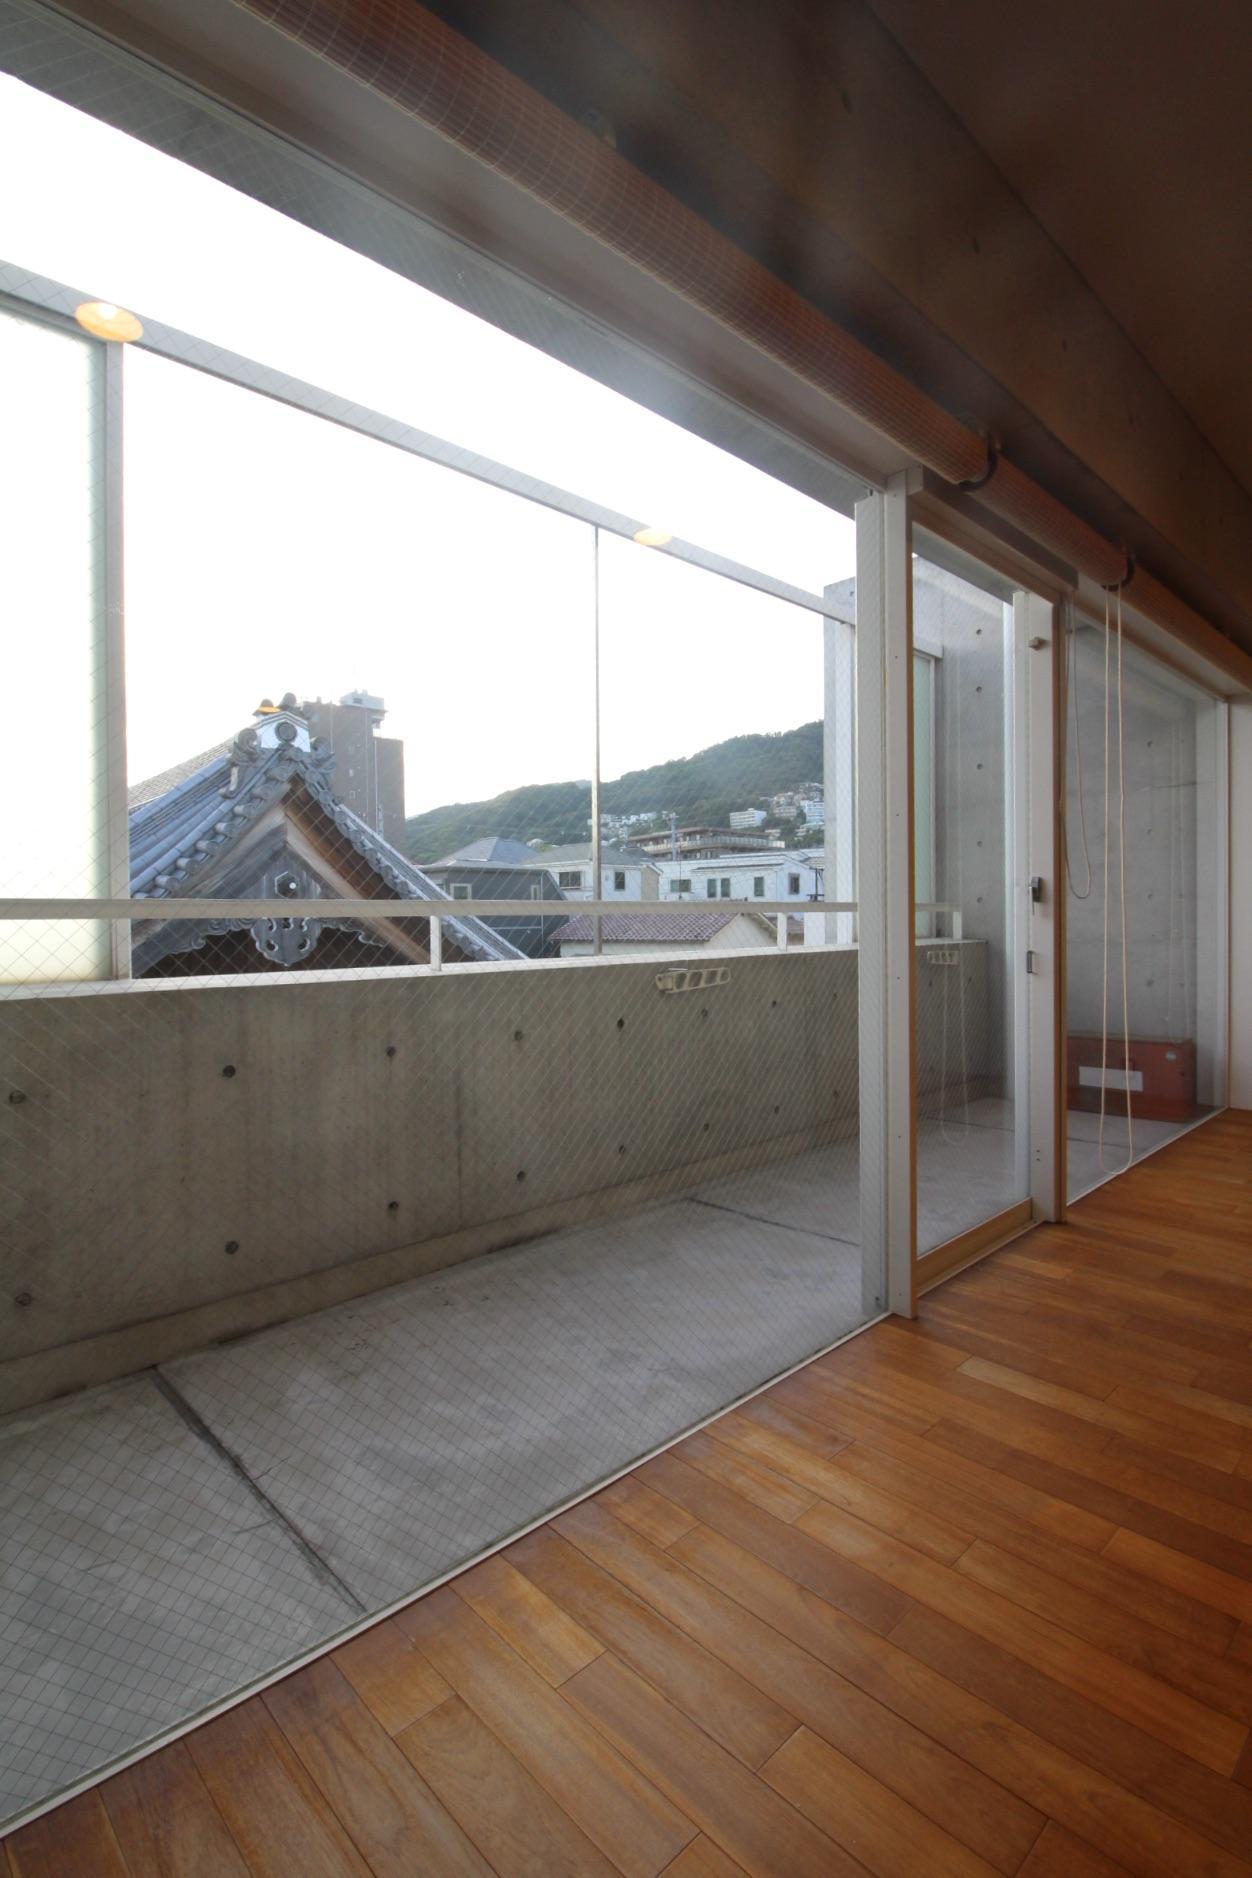 バルコニーの開閉可能な擦りガラス窓を開けると、山とダイナミックなお隣の寺の屋根瓦